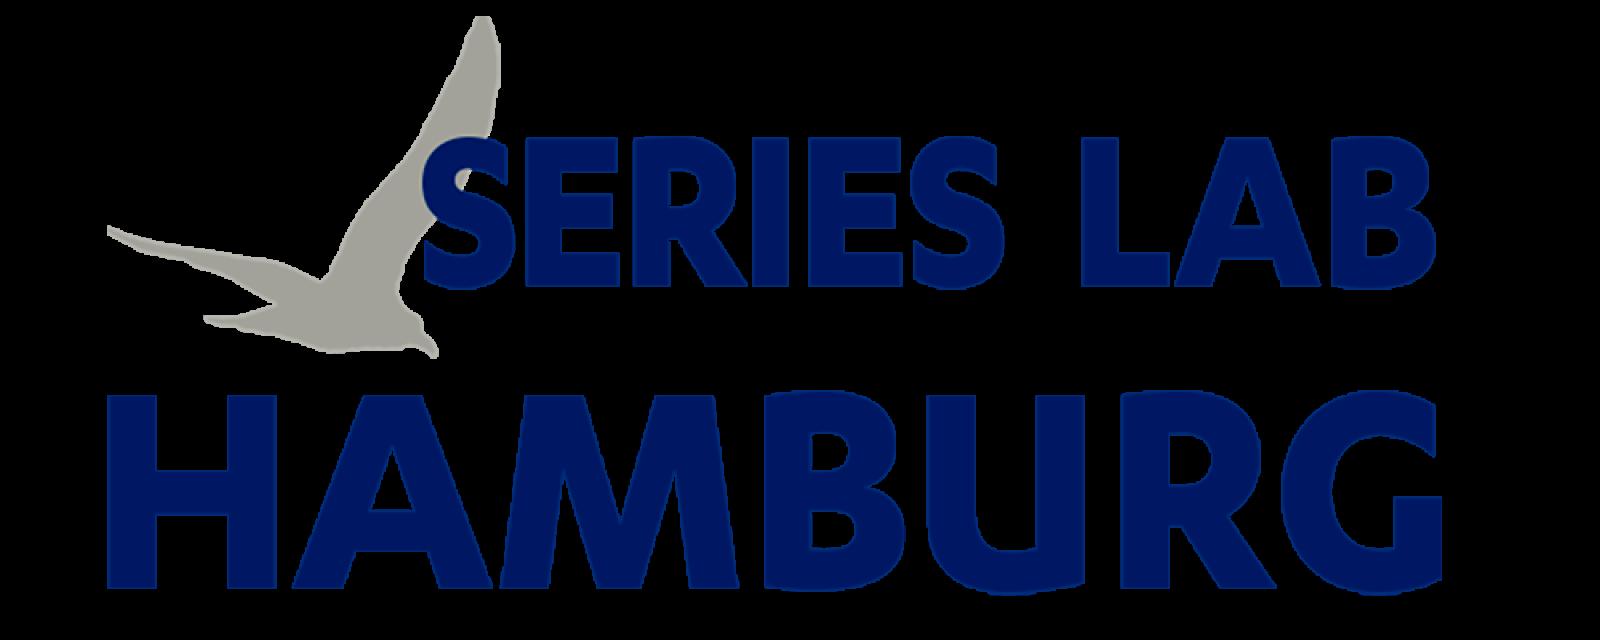 Series-Lab-Hamburg